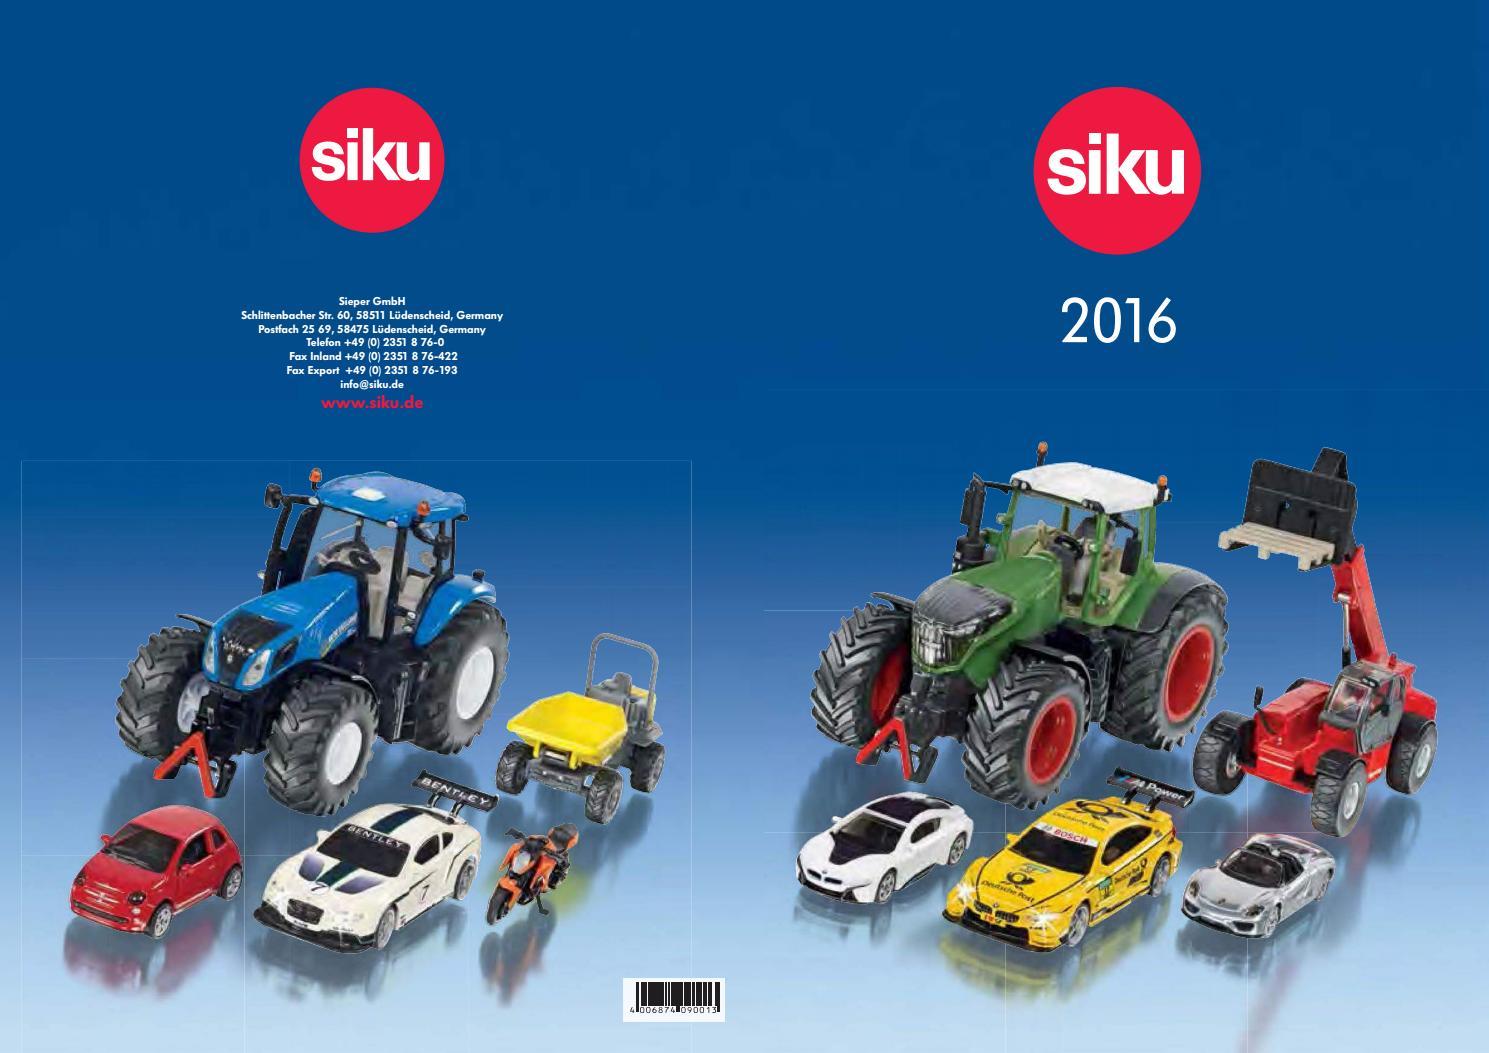 Siku. Catálogo 2016 by Daniel Salvadó issuu